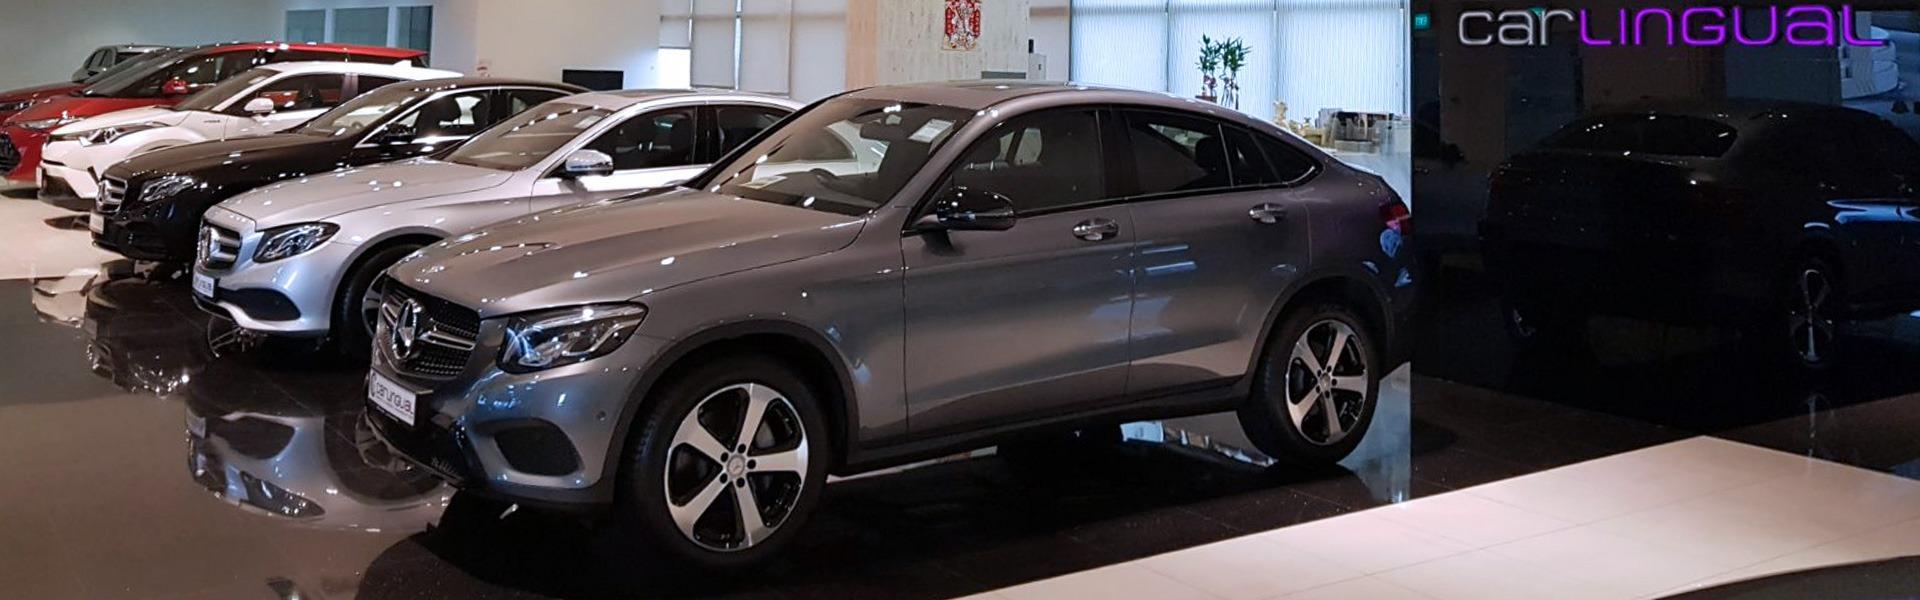 Buy Car in Singapore   Carlingual